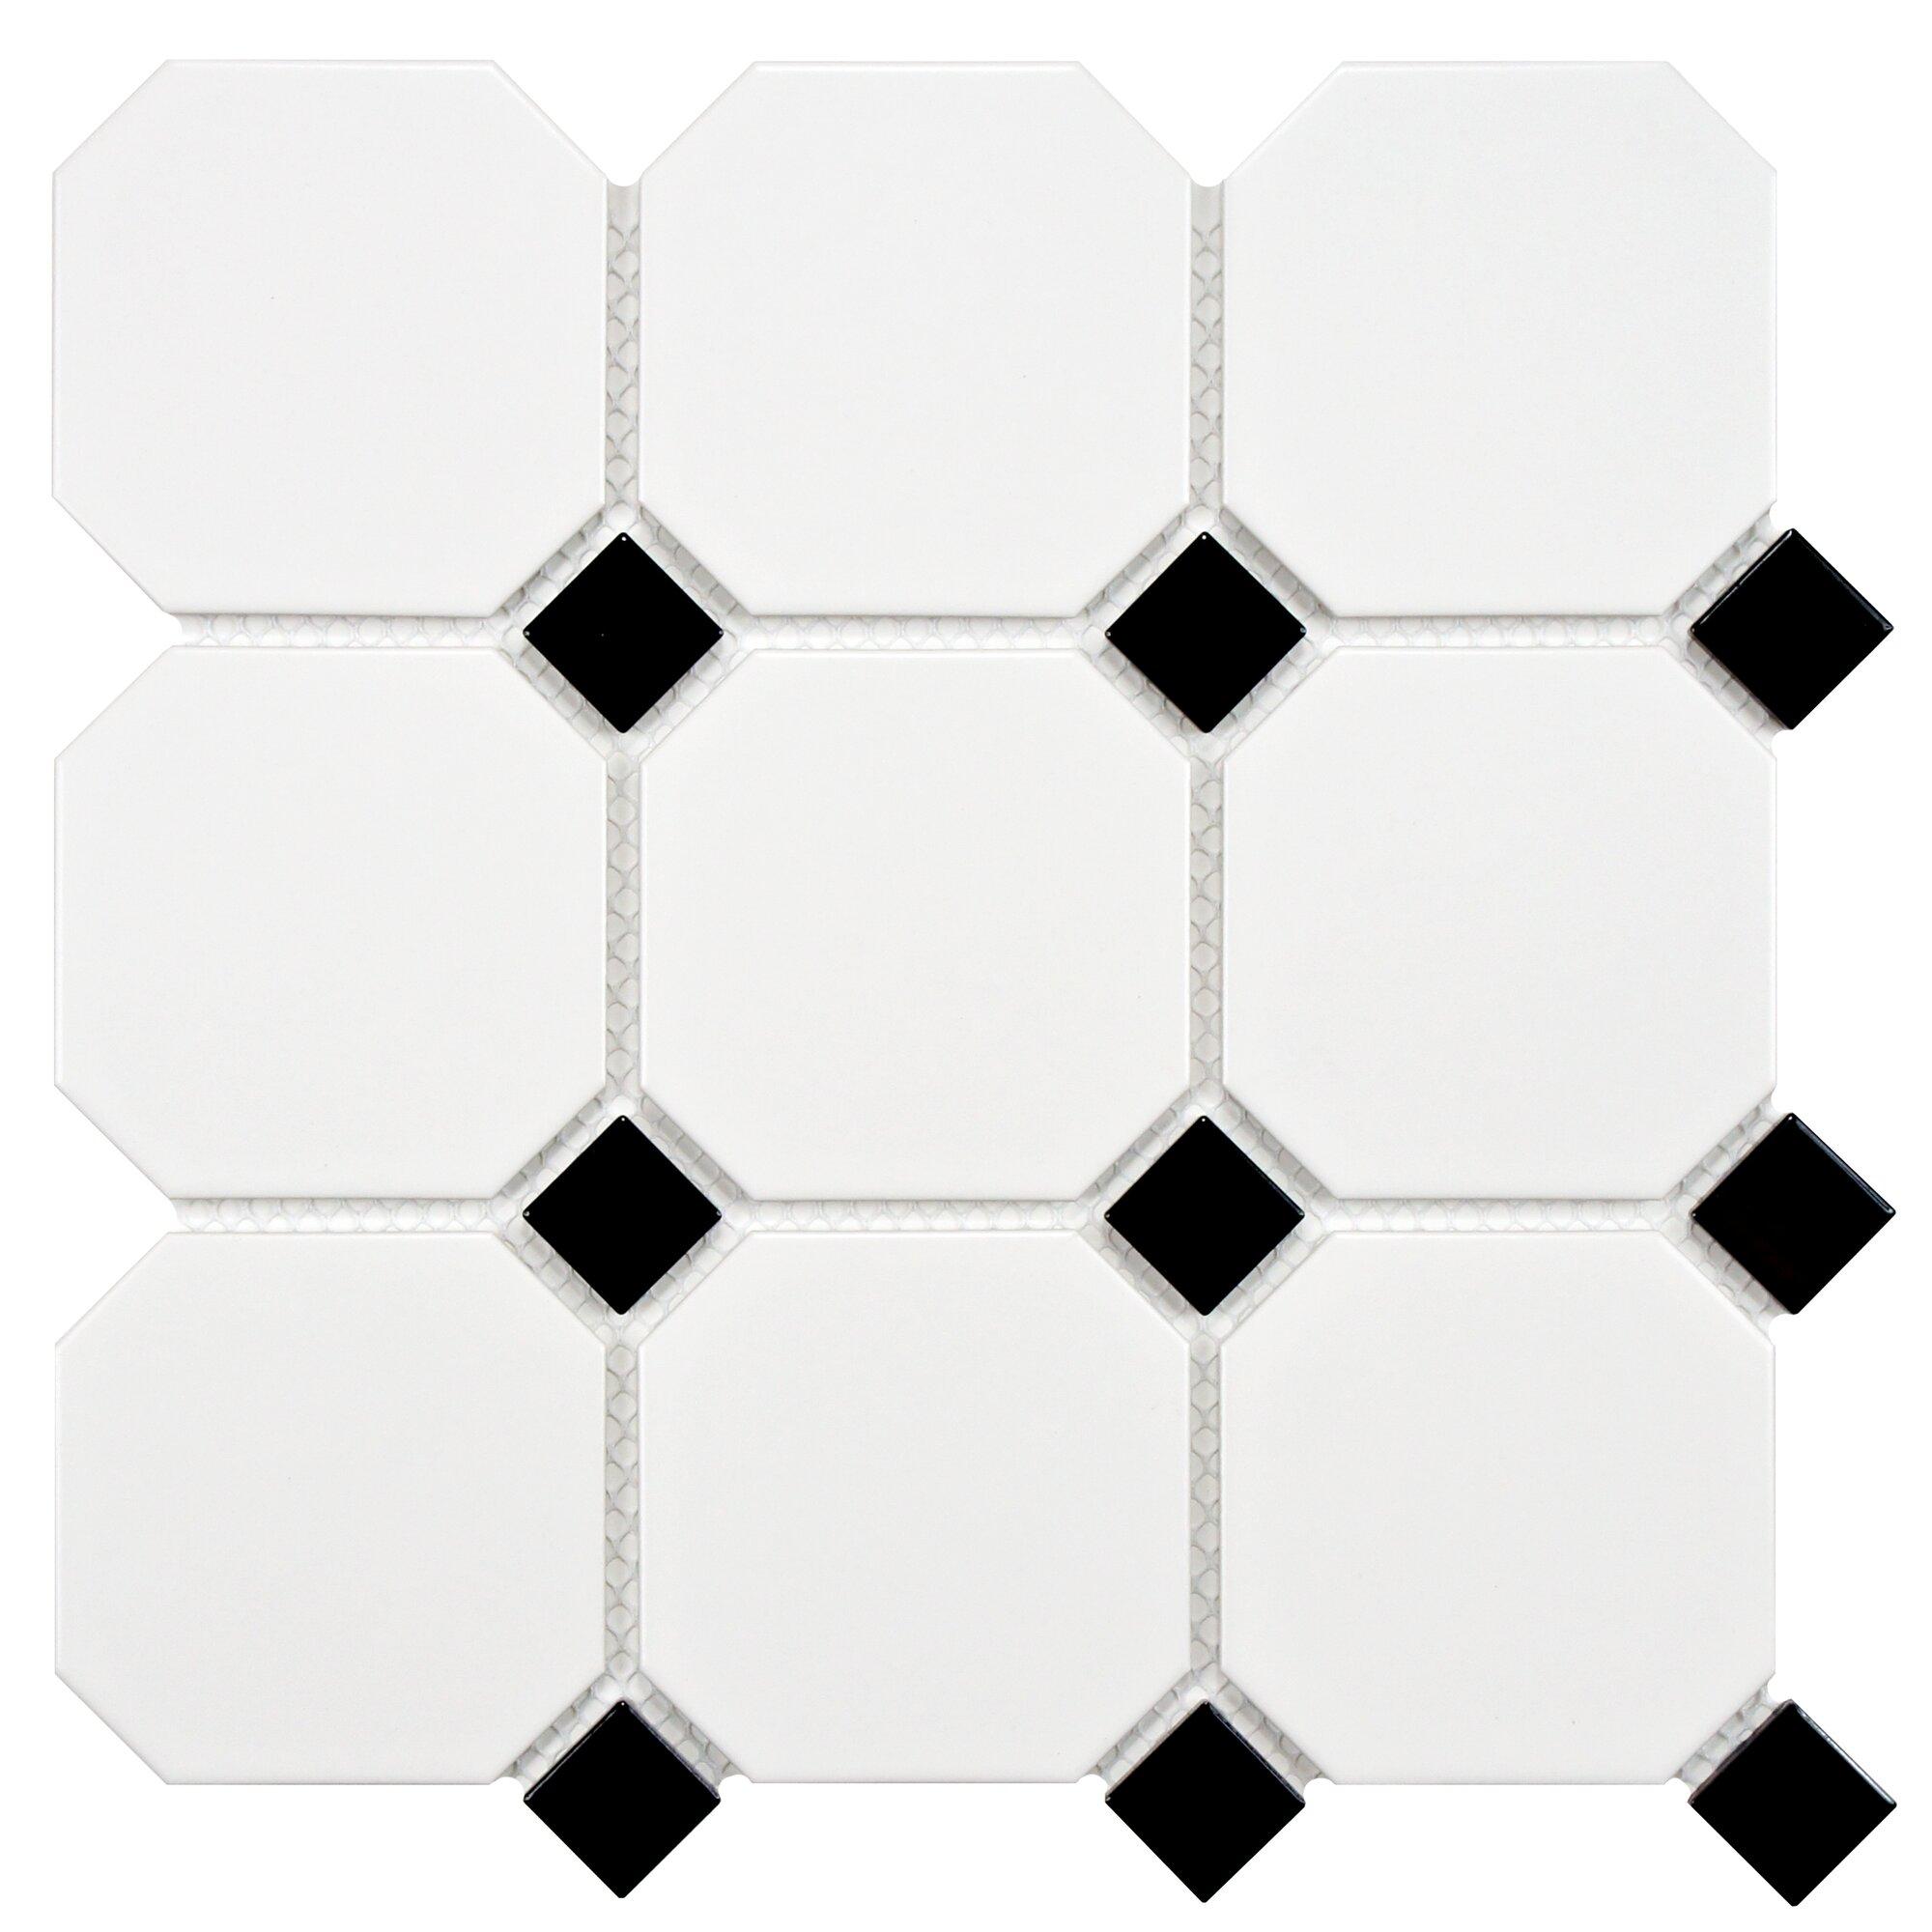 Elitetile Retro Super Octagon 11 625 Quot X 11 625 Quot Porcelain